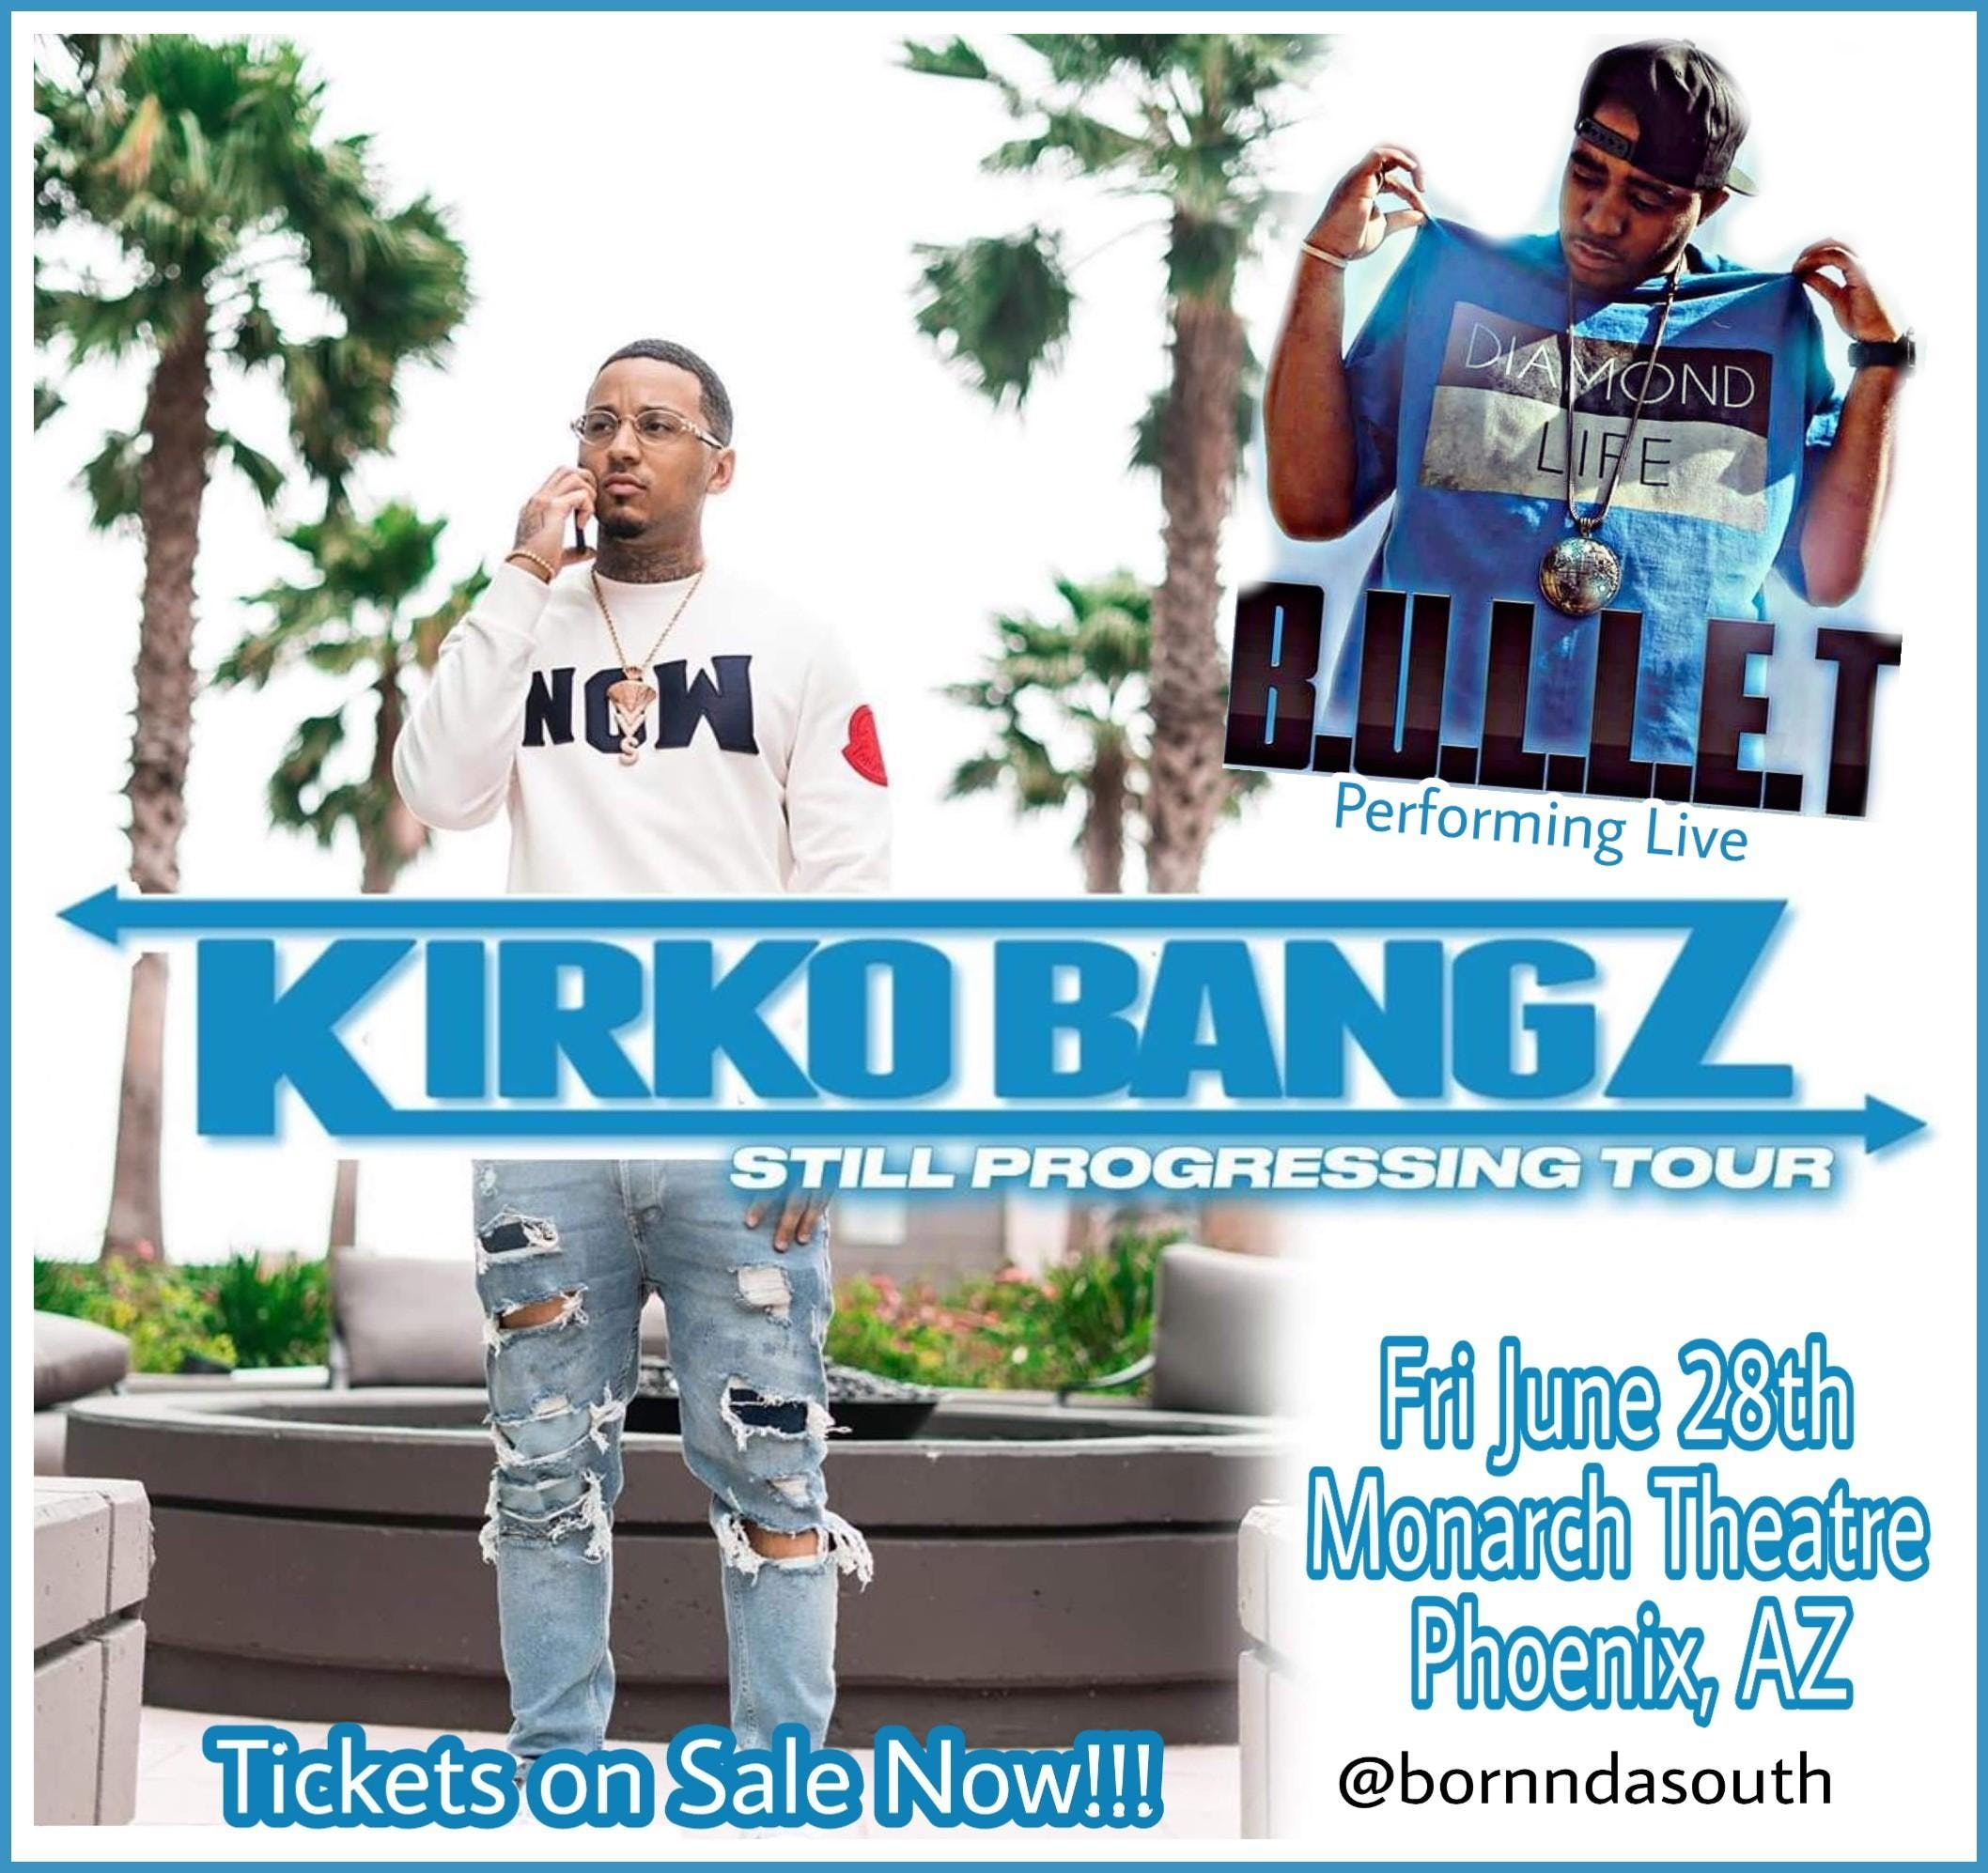 Kirko Bangz & Bullet Live